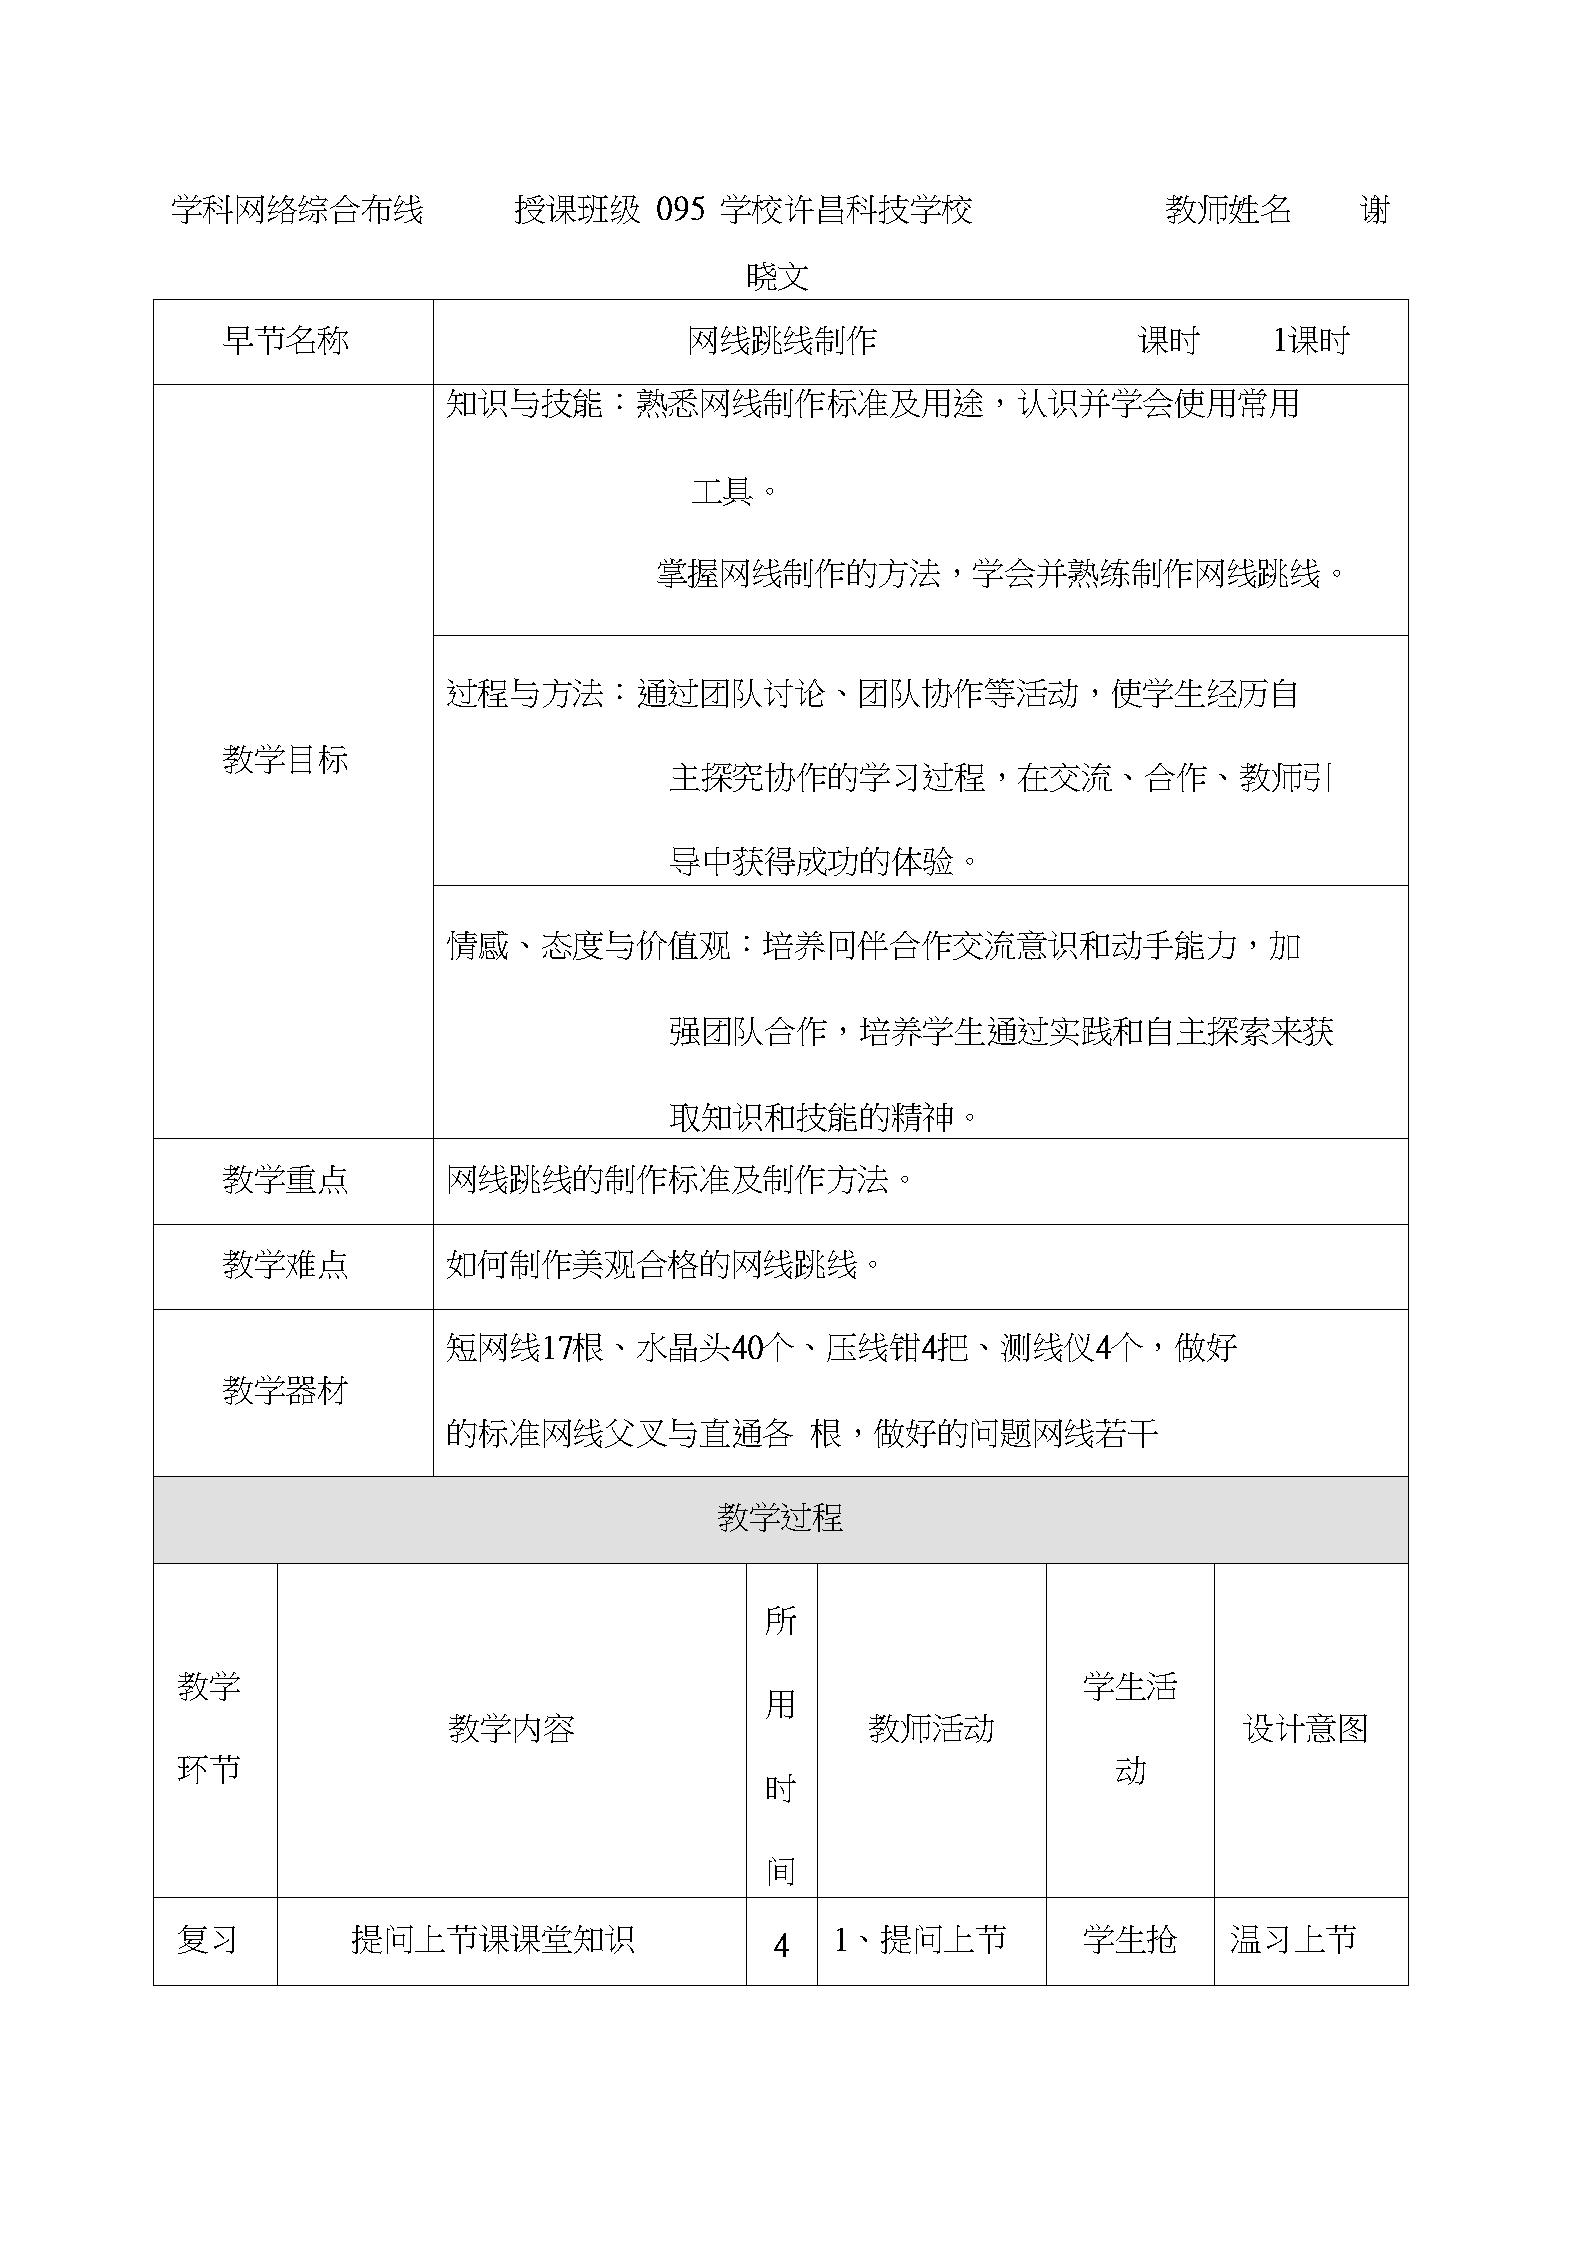 网线制作教案.docx